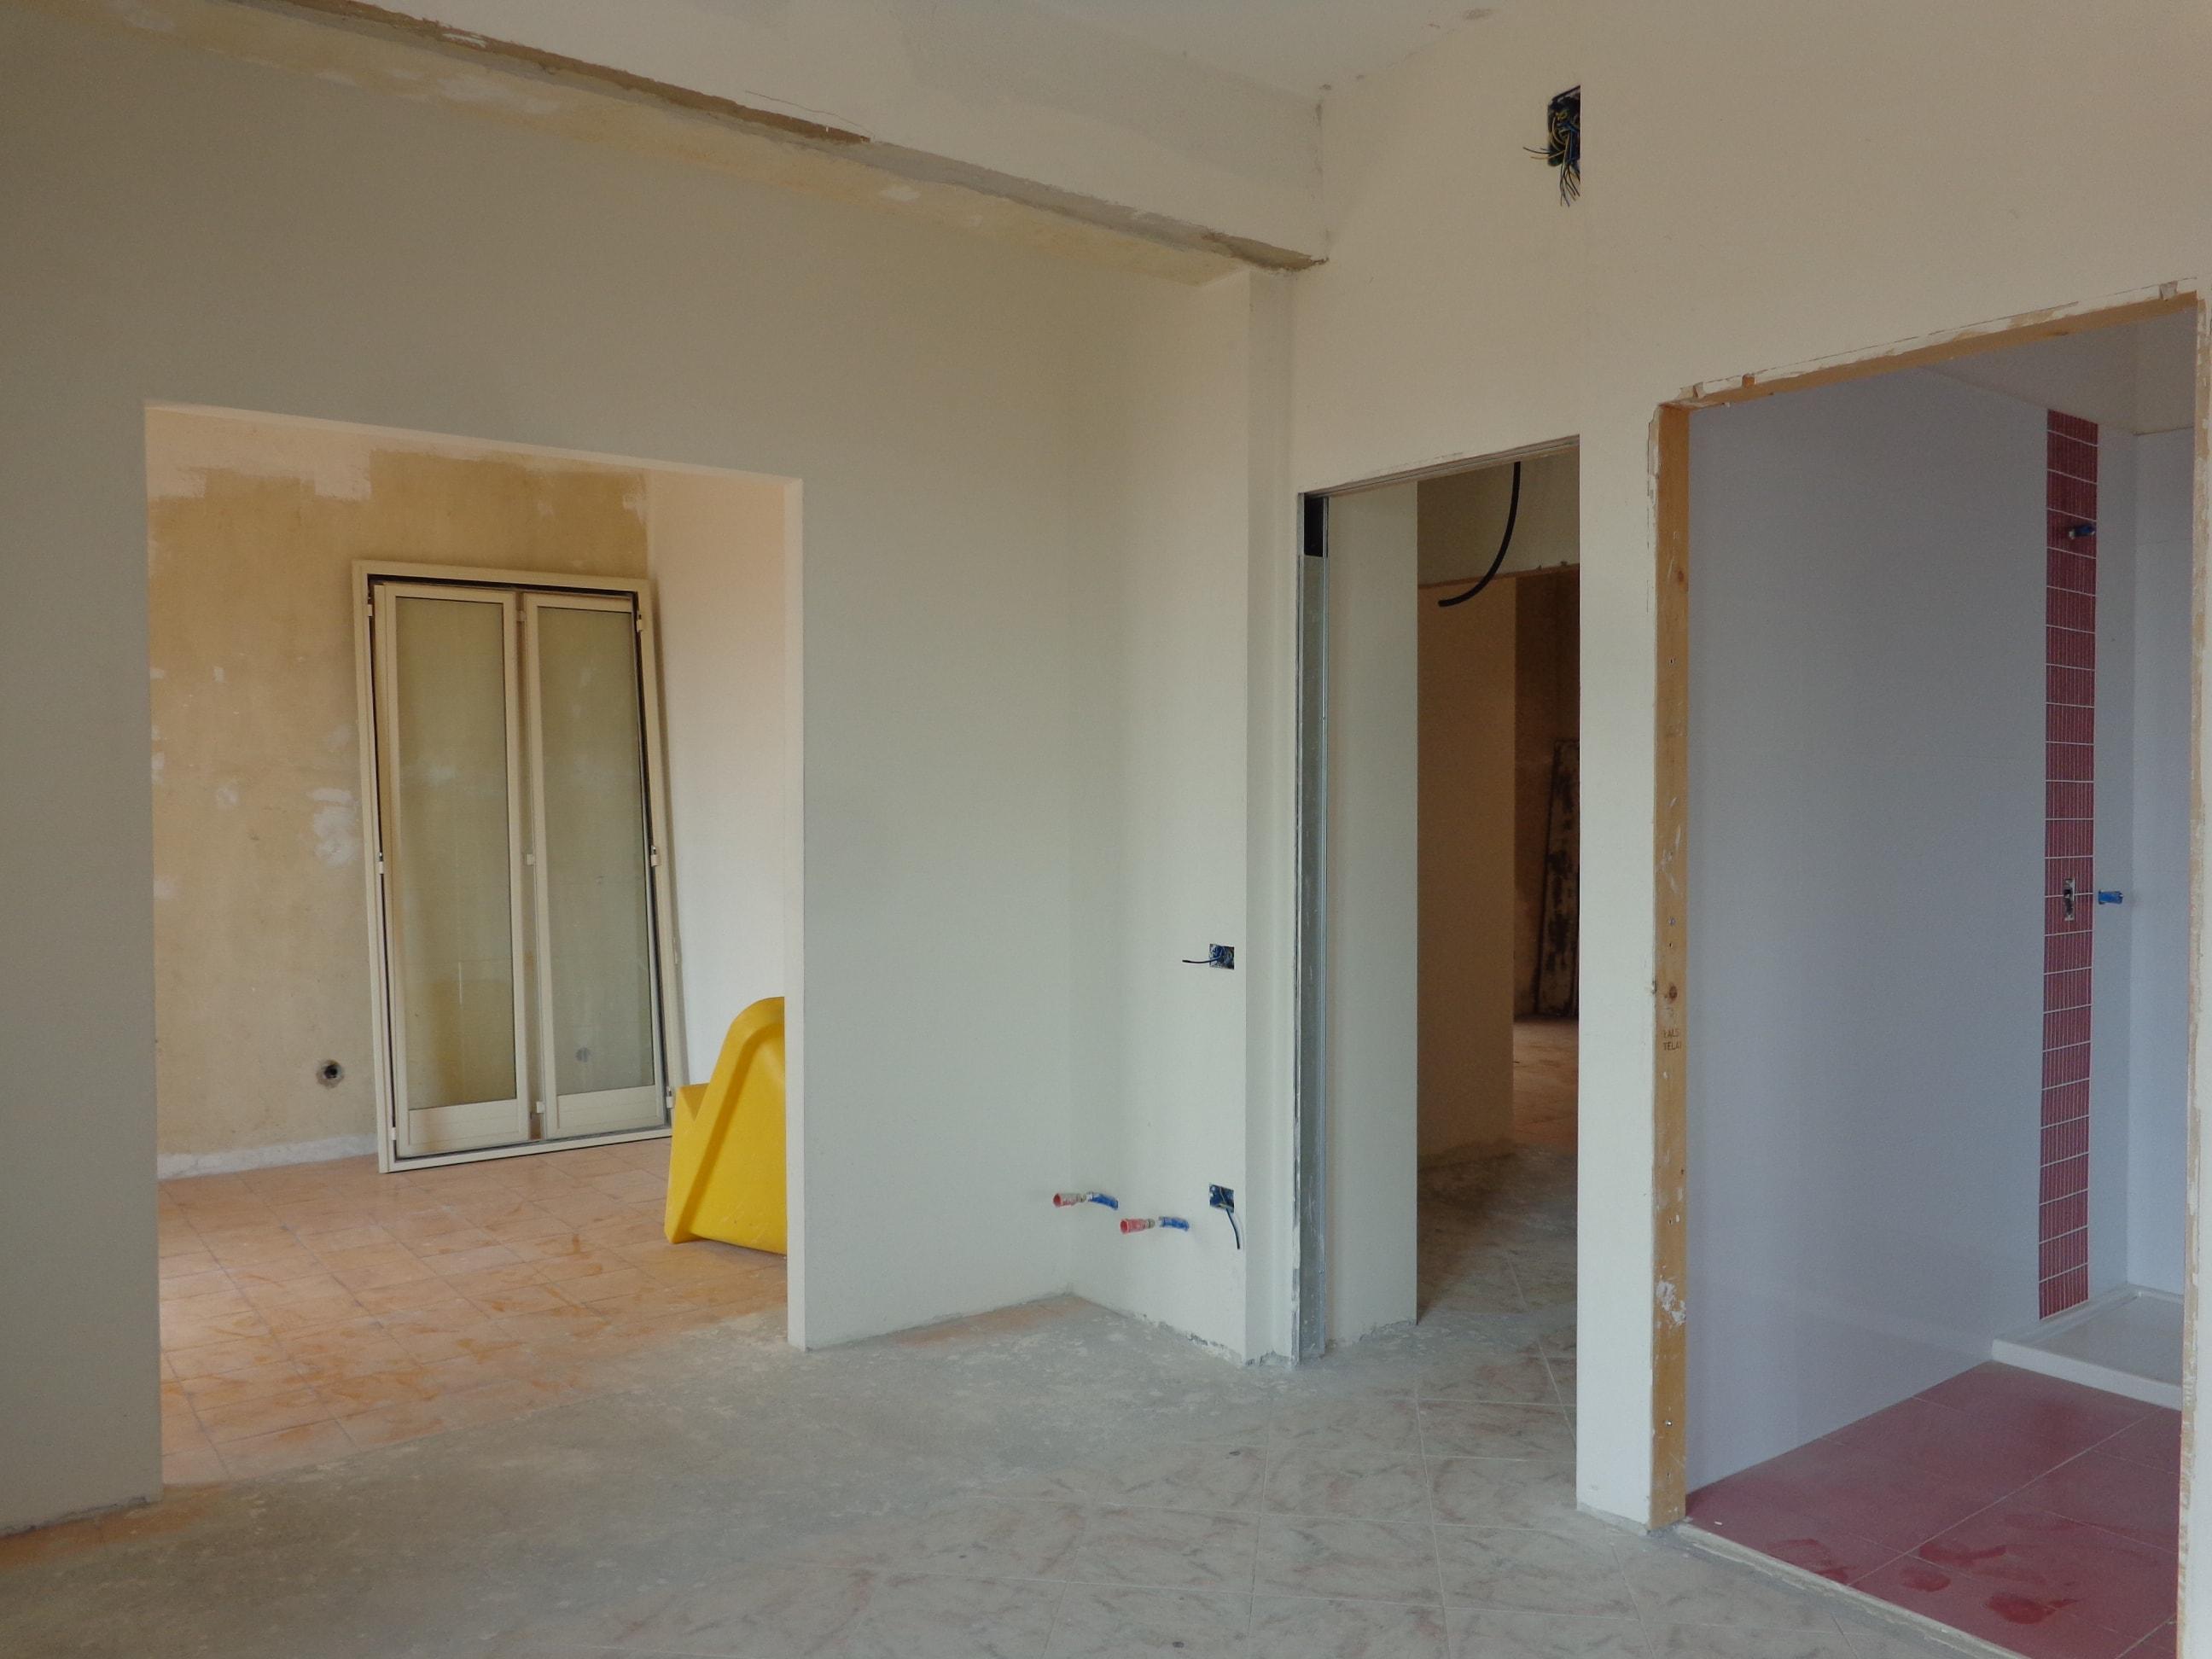 Gravina di Catania, Doppio appartamento da completare